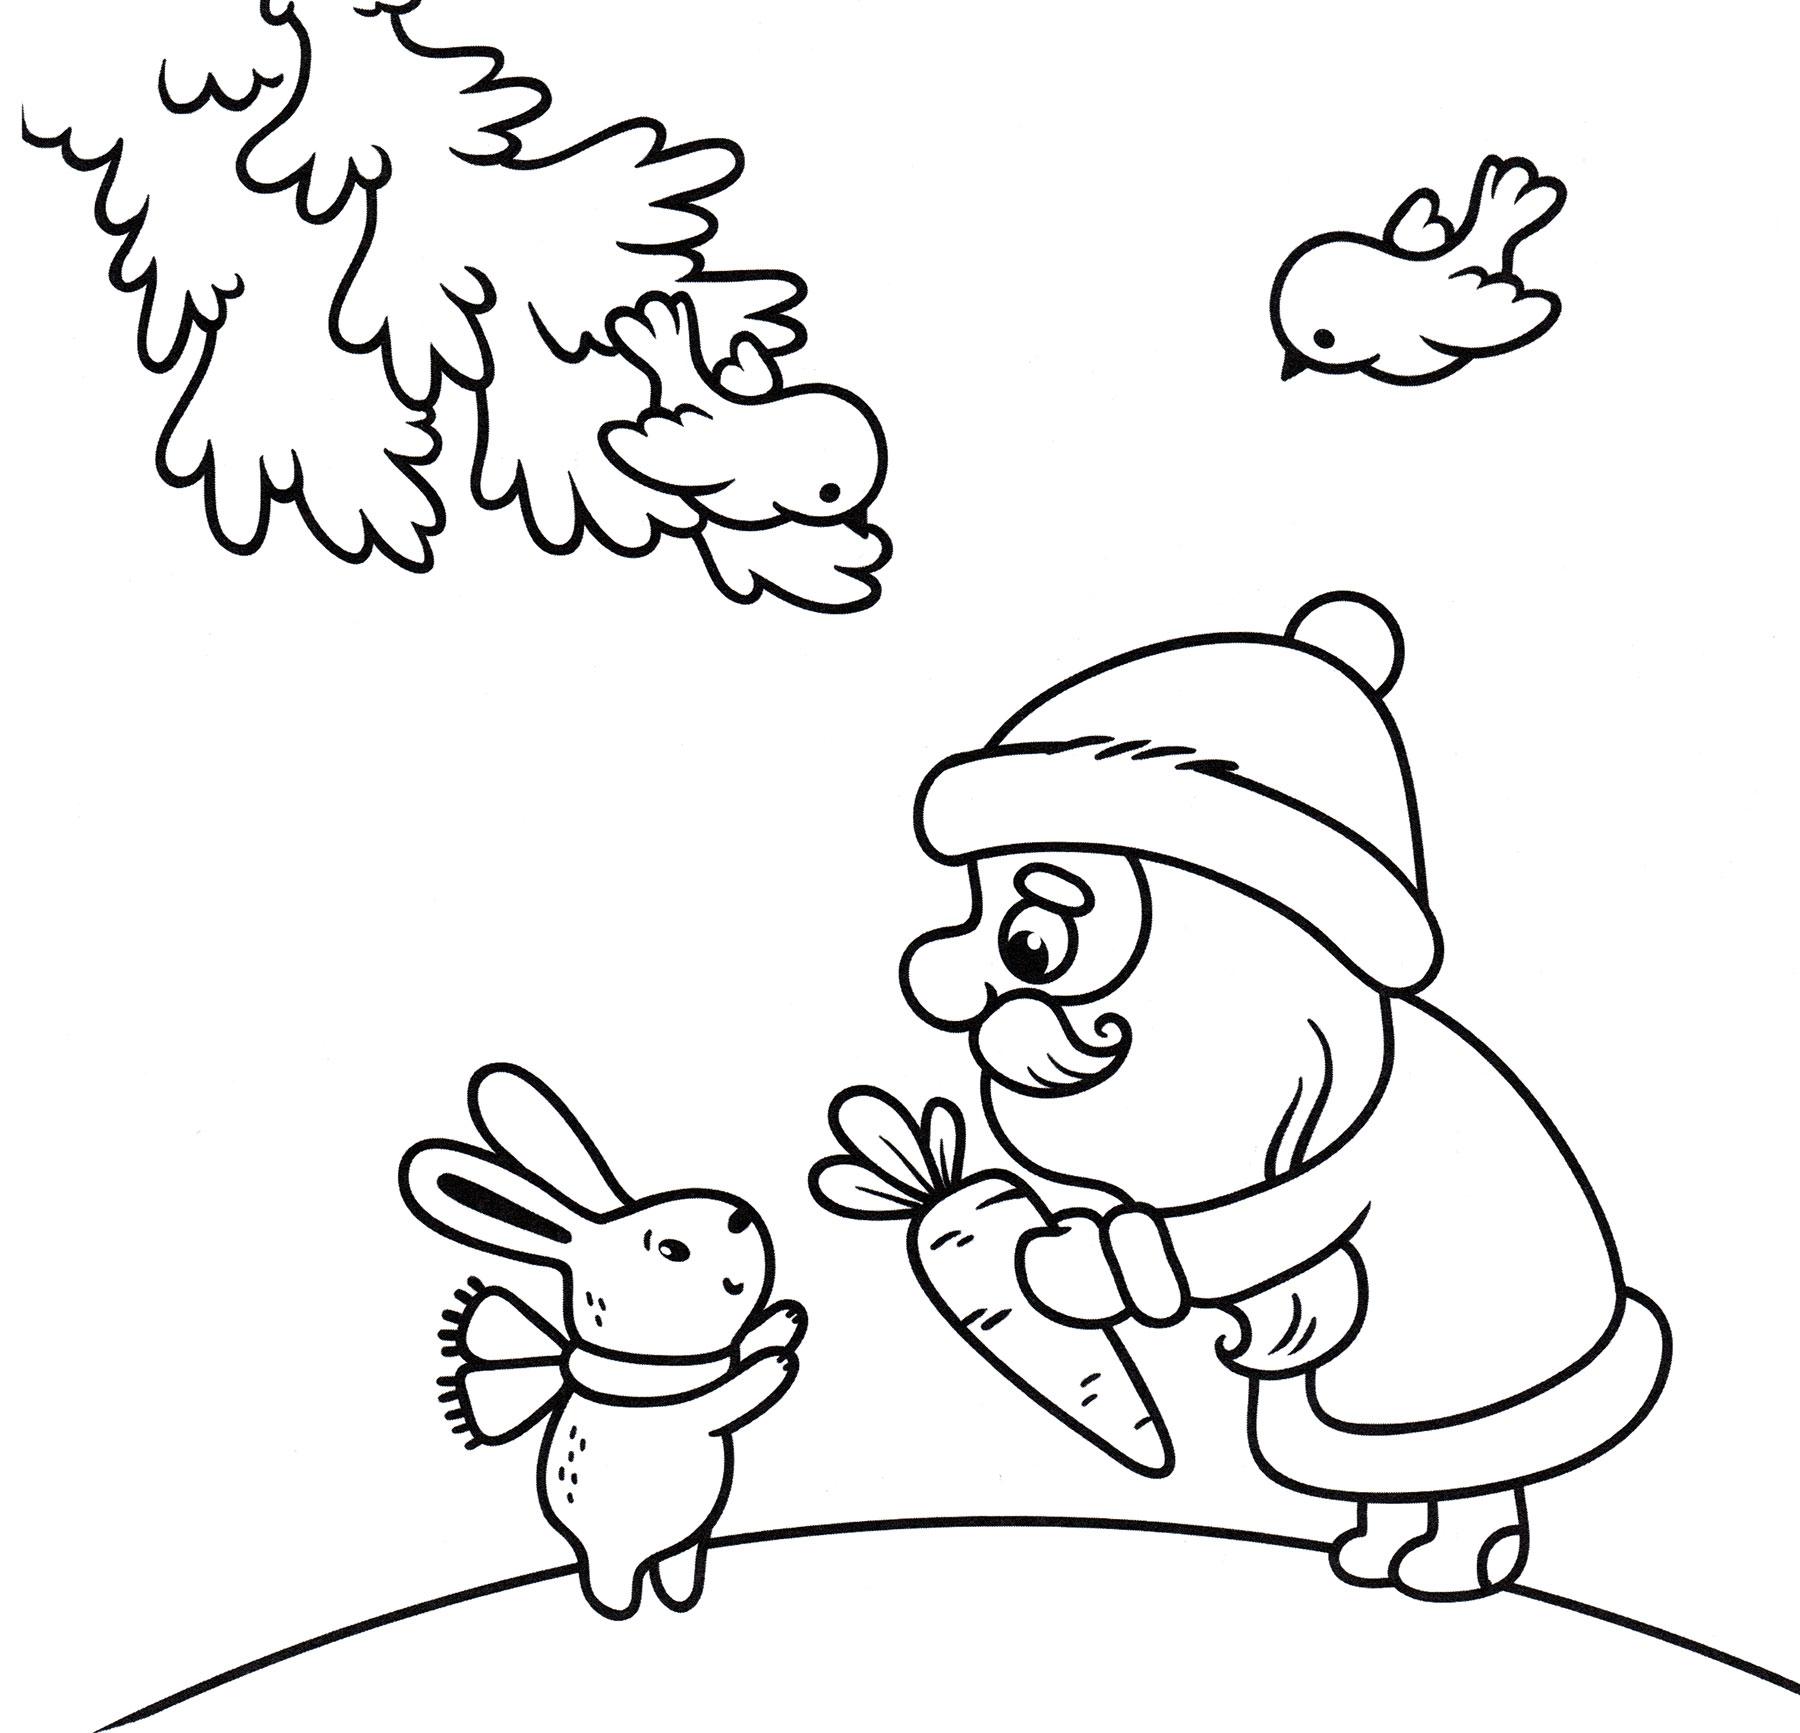 Раскраска Дед мороз и кролик - распечатать бесплатно